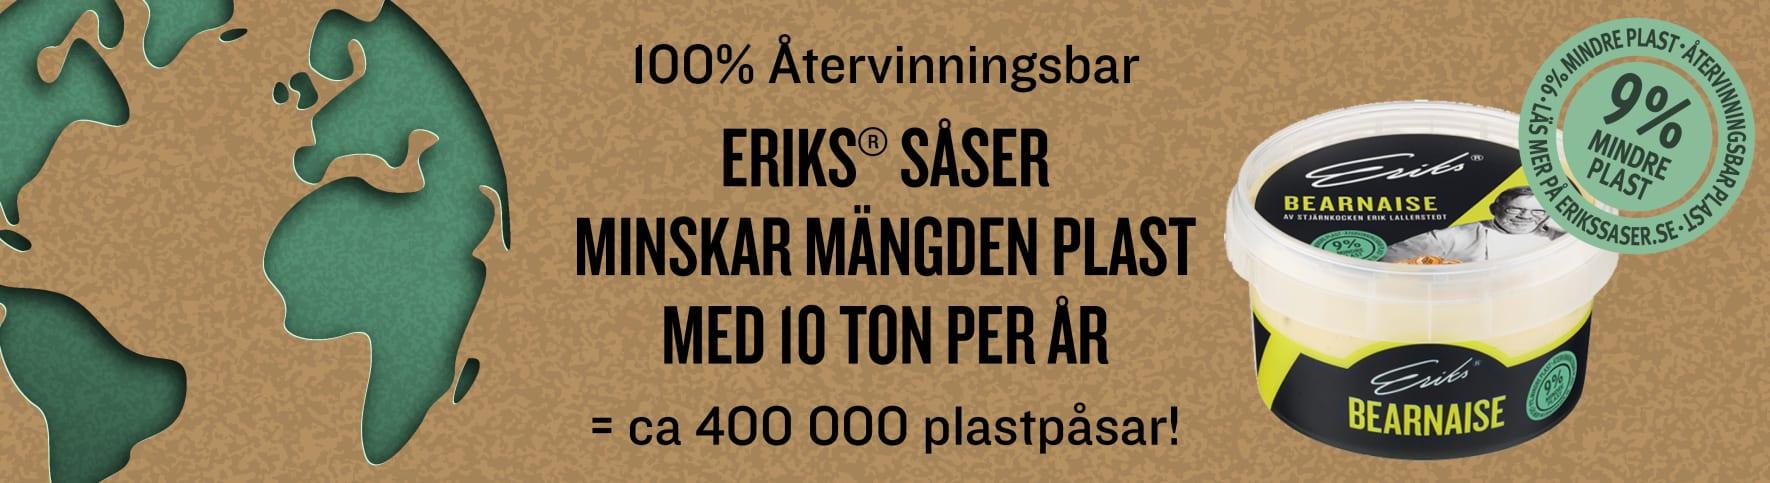 Eriks såser minskar mängden plast med 10 ton per år, det är ca 400 000 plastpåsar. Bild på Bearnaise och stämpel 9% mindre plast.